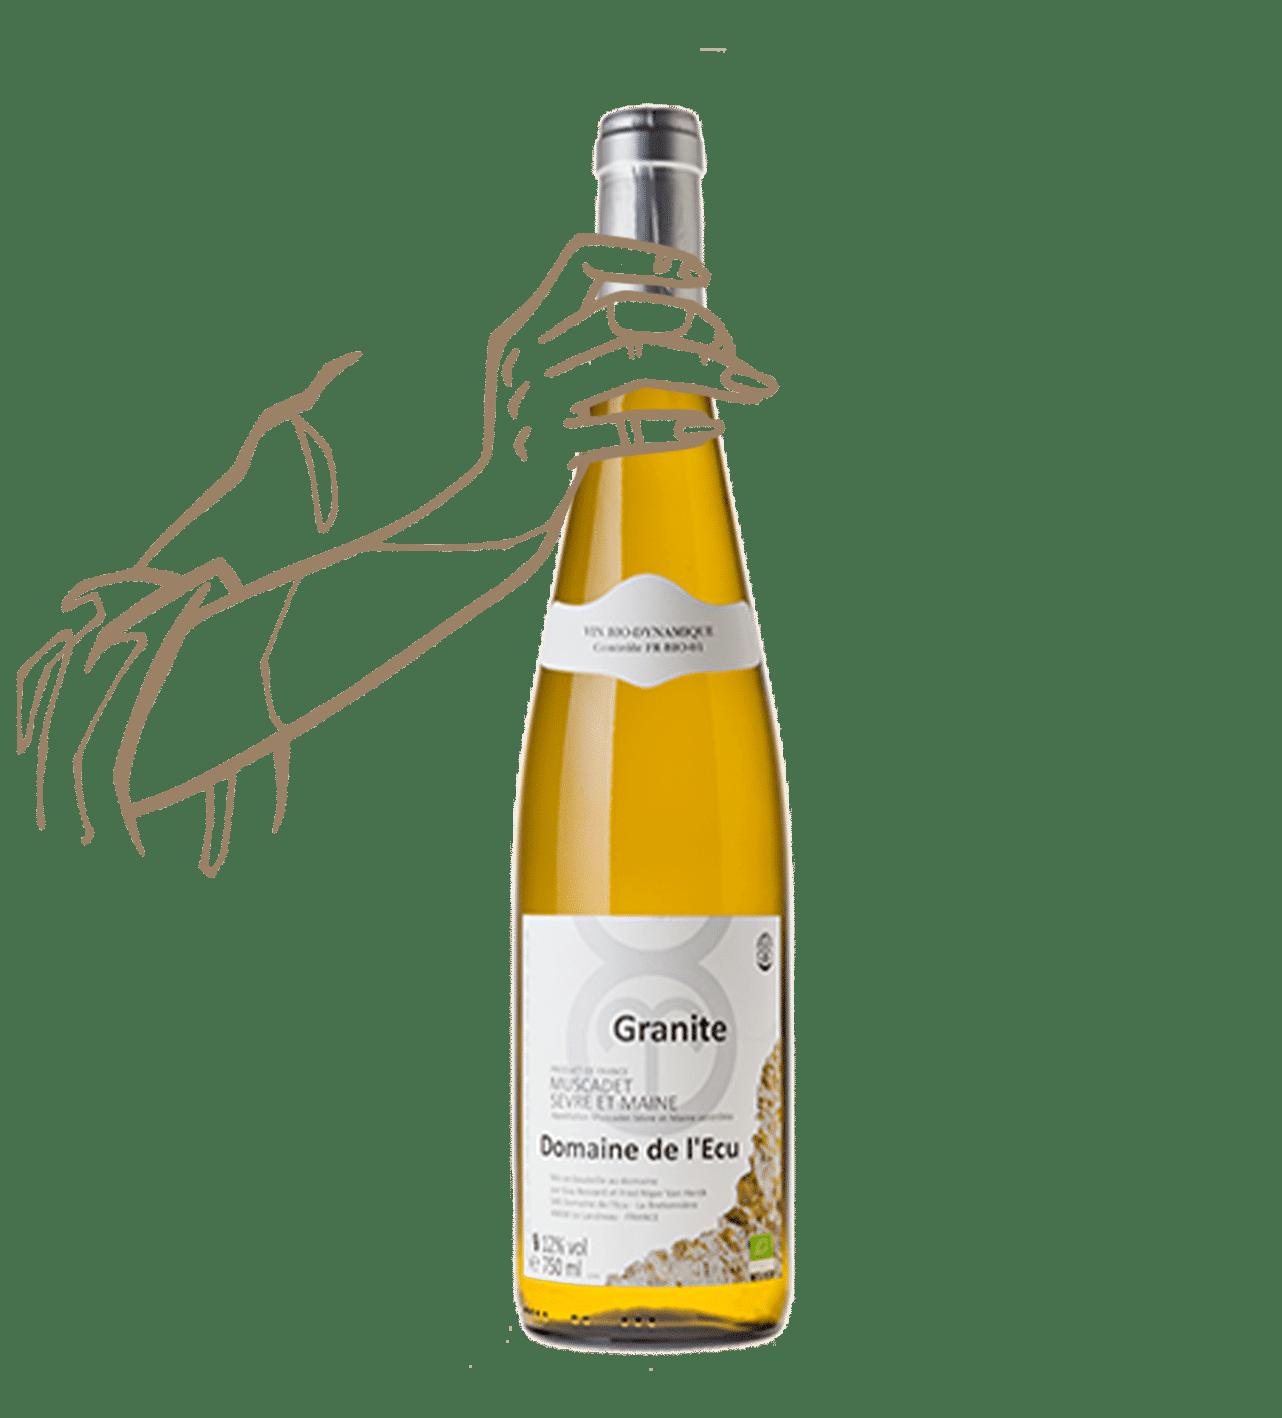 Granite du domaine de l'Ecu est un vin naturel du muscadet